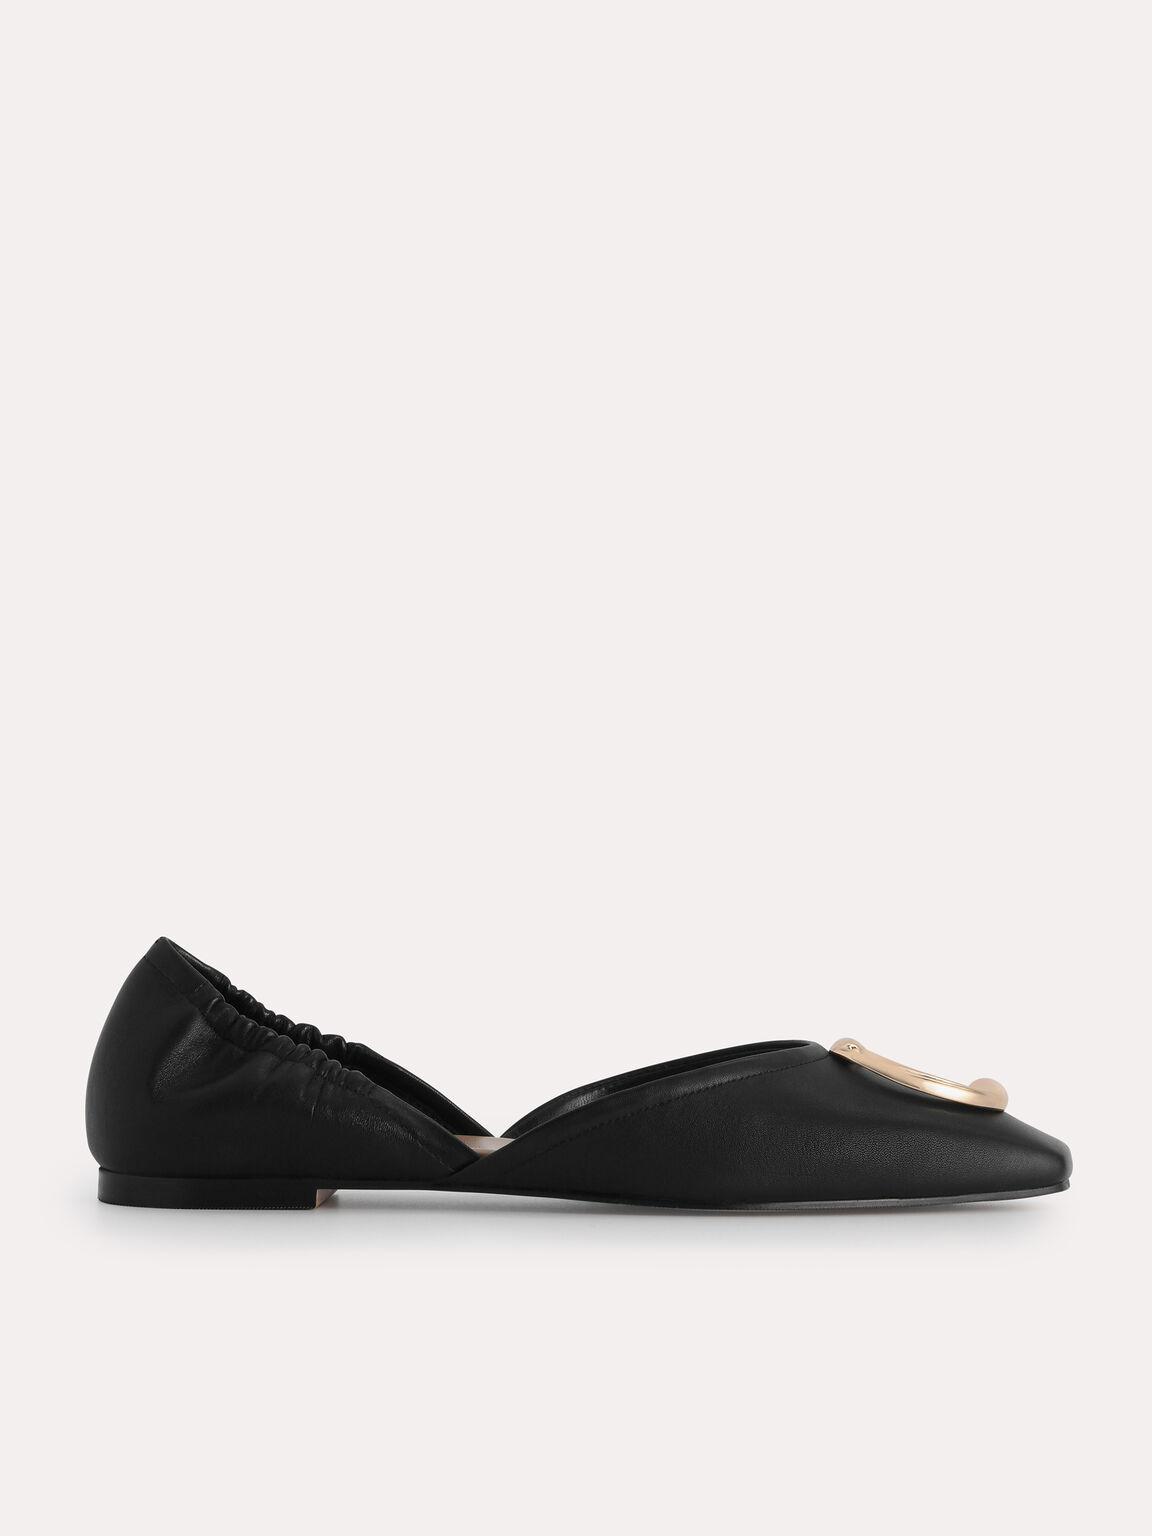 Leather Flats, Black, hi-res